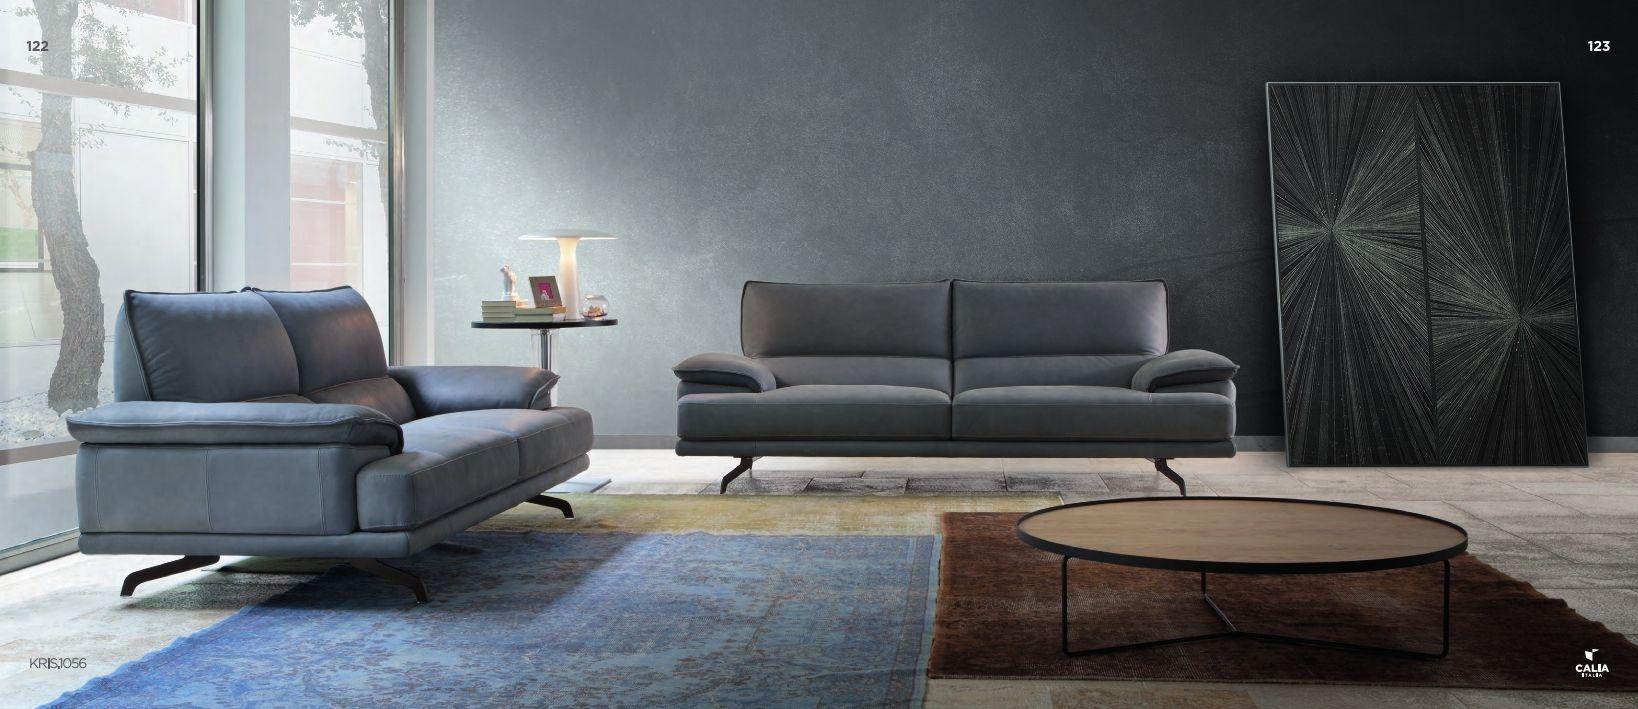 Best Price Leather Sofa